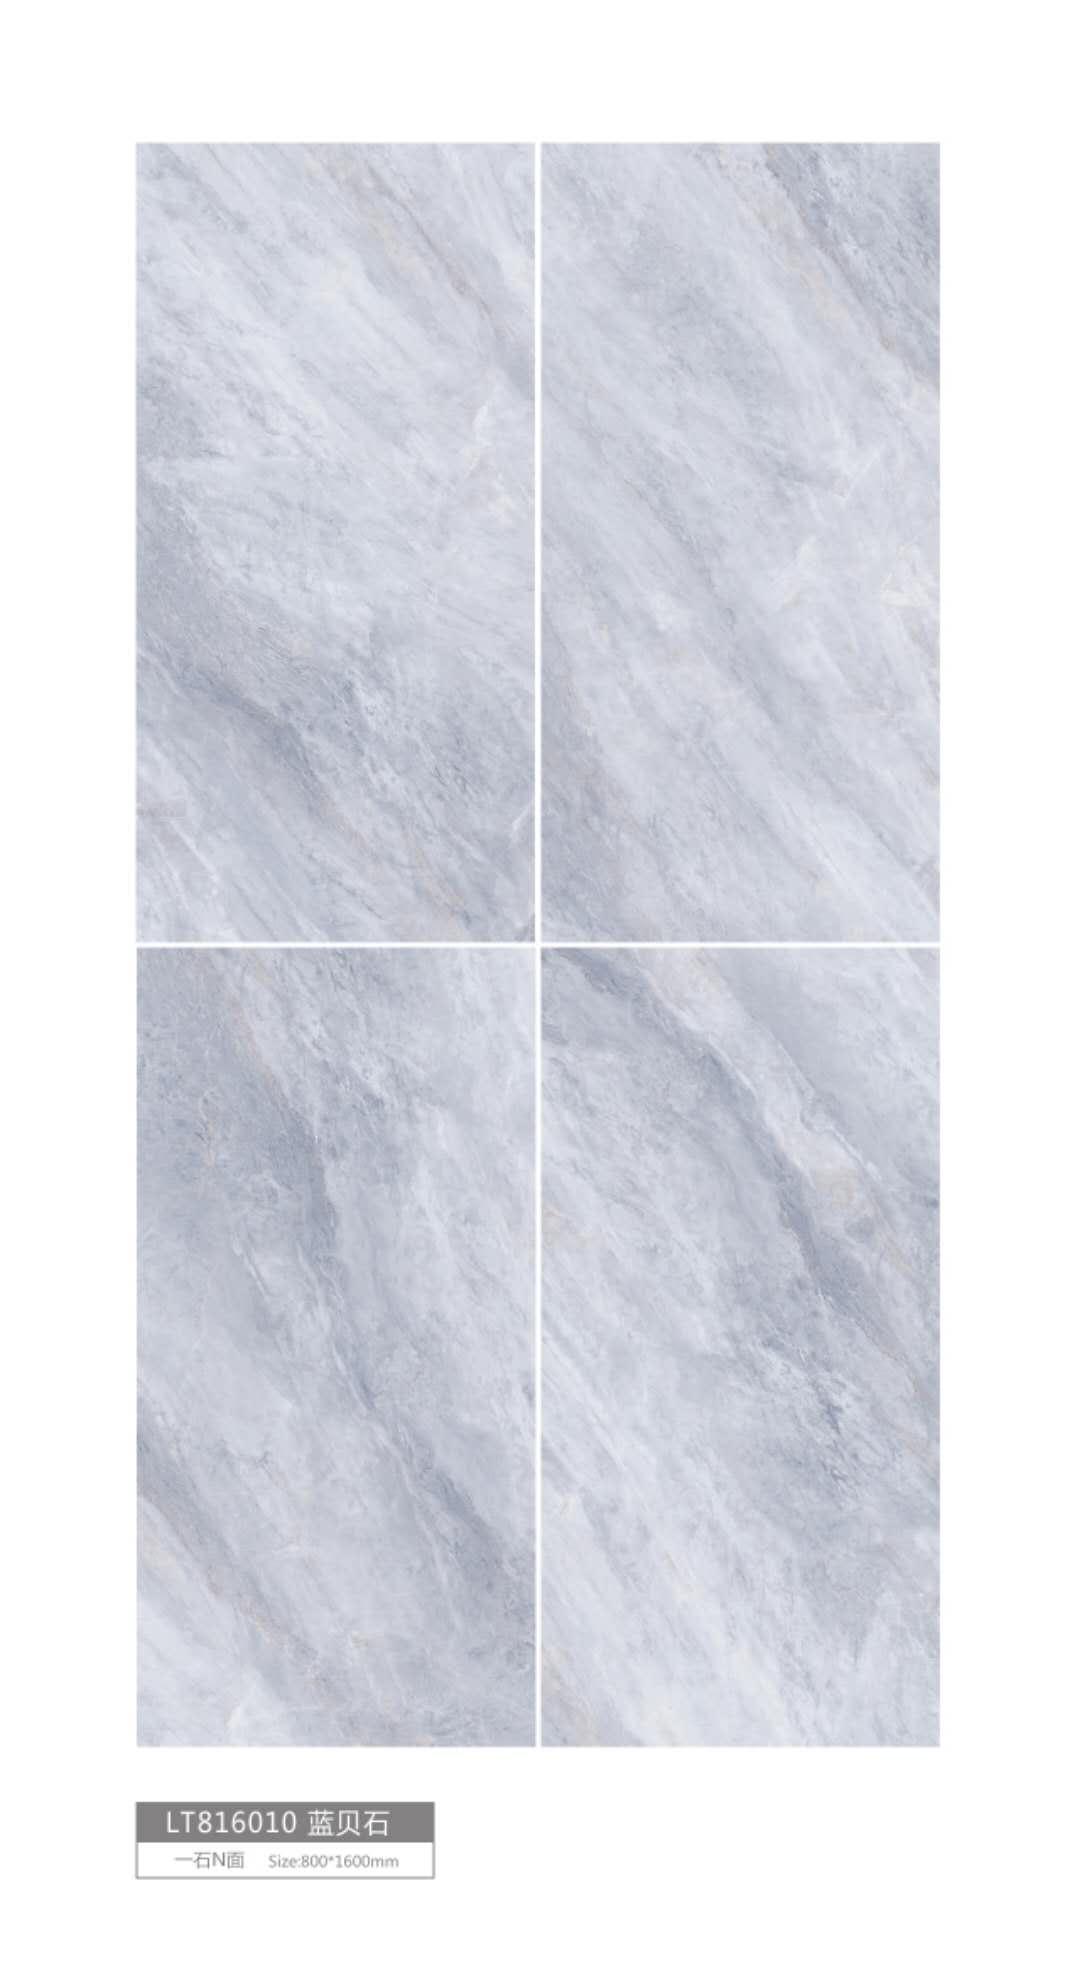 LT816010 蓝贝石